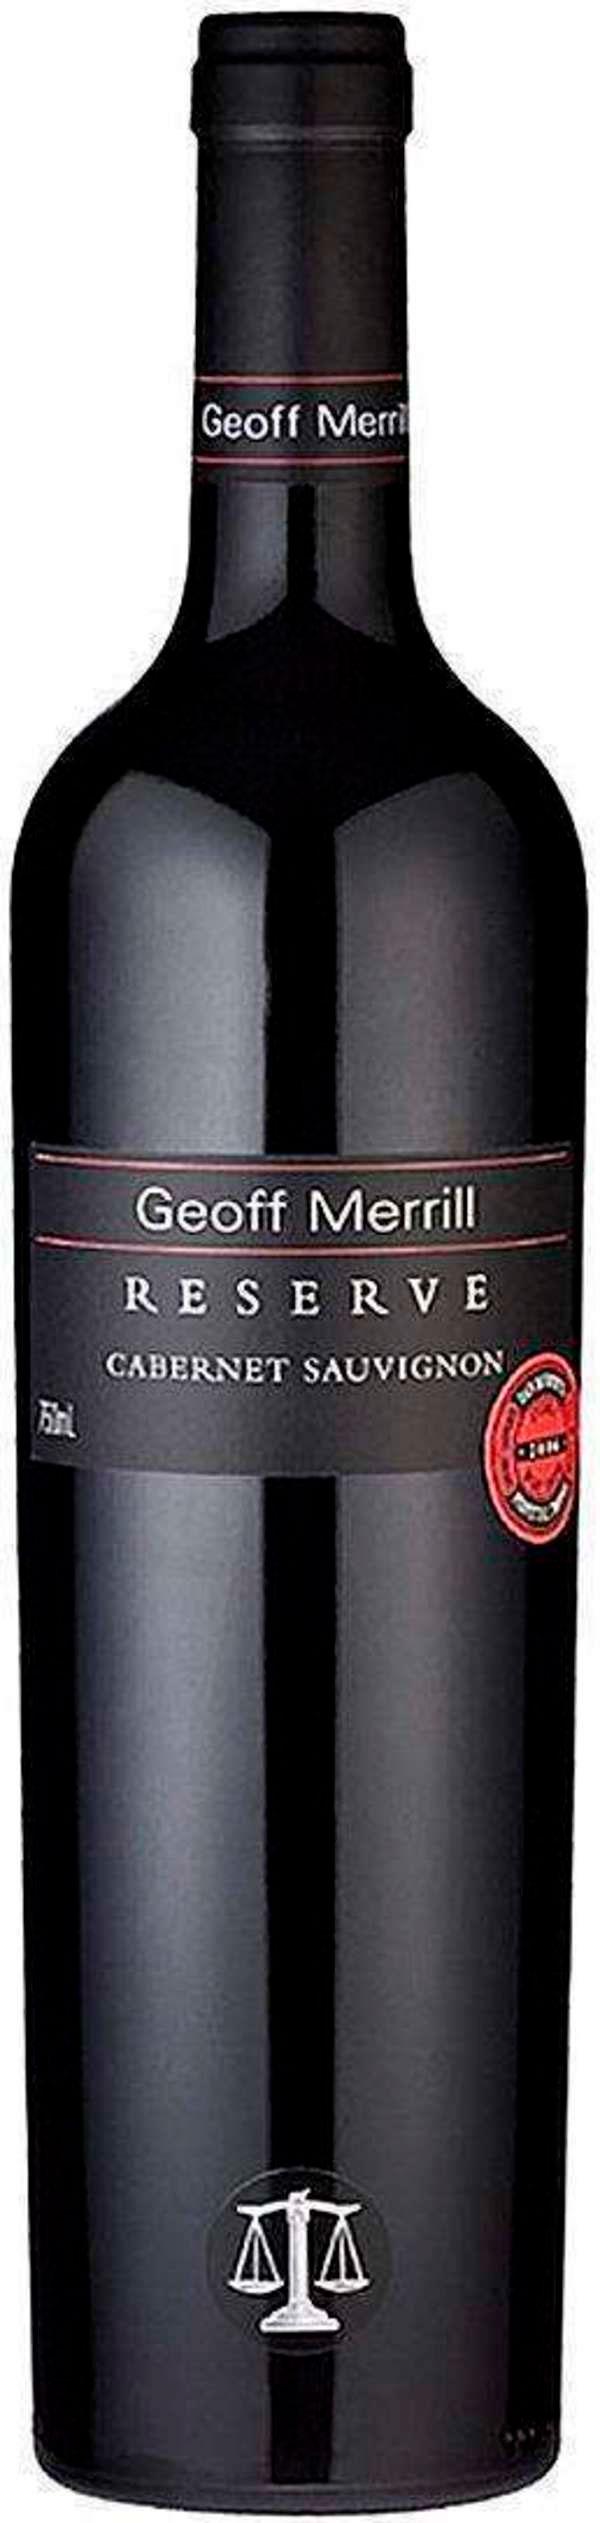 Reserve Cabernet Sauvignon ( Geoff Merrill ) 2011